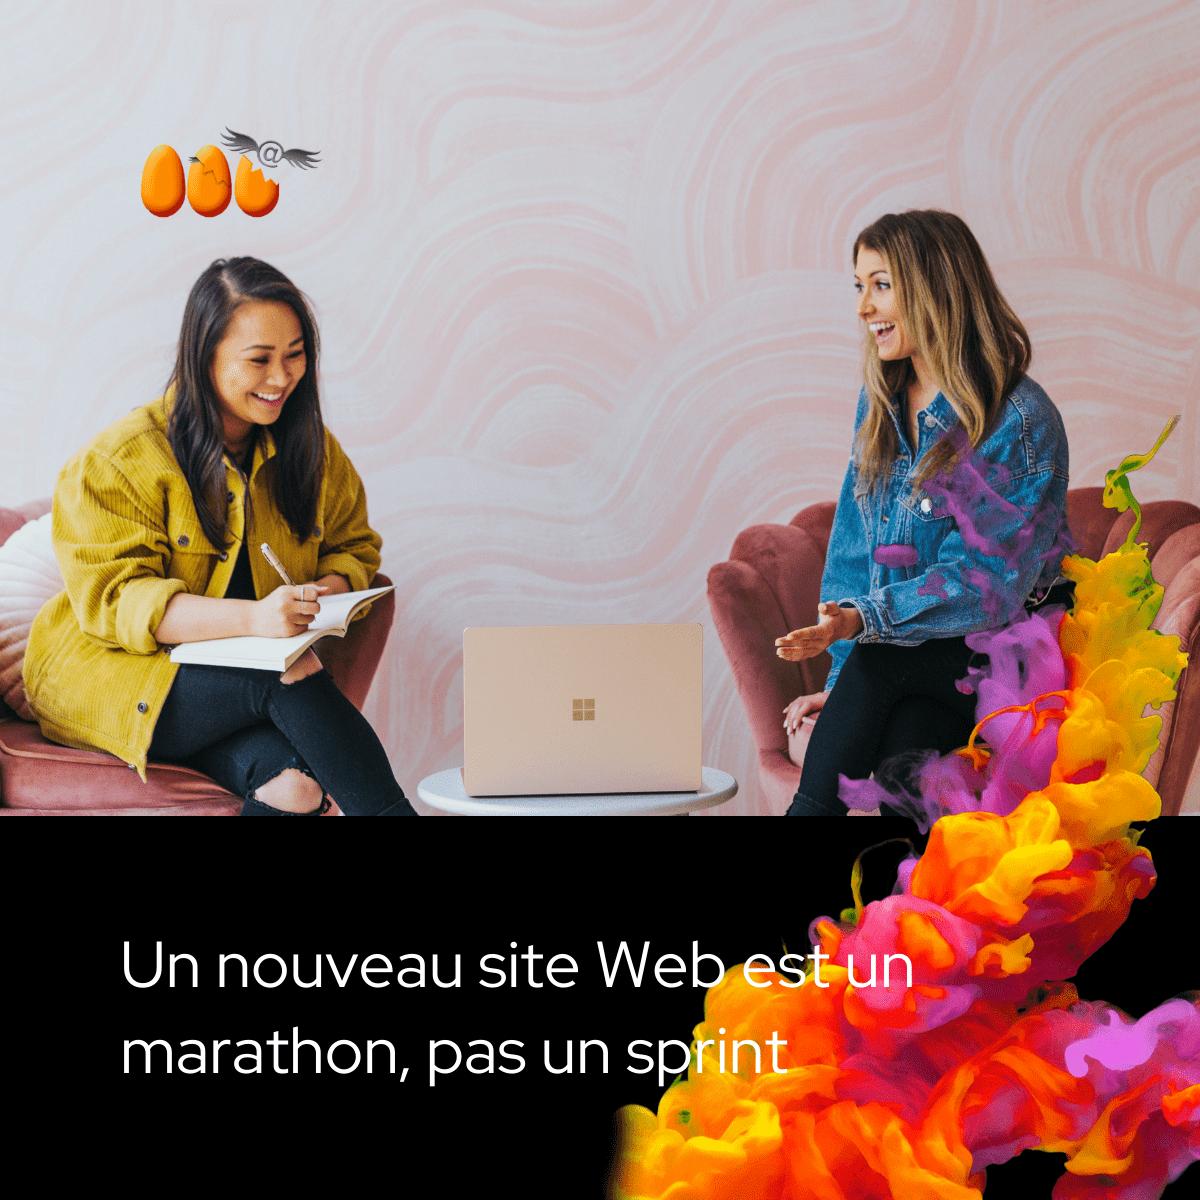 Un nouveau site Web est un marathon, pas un sprint